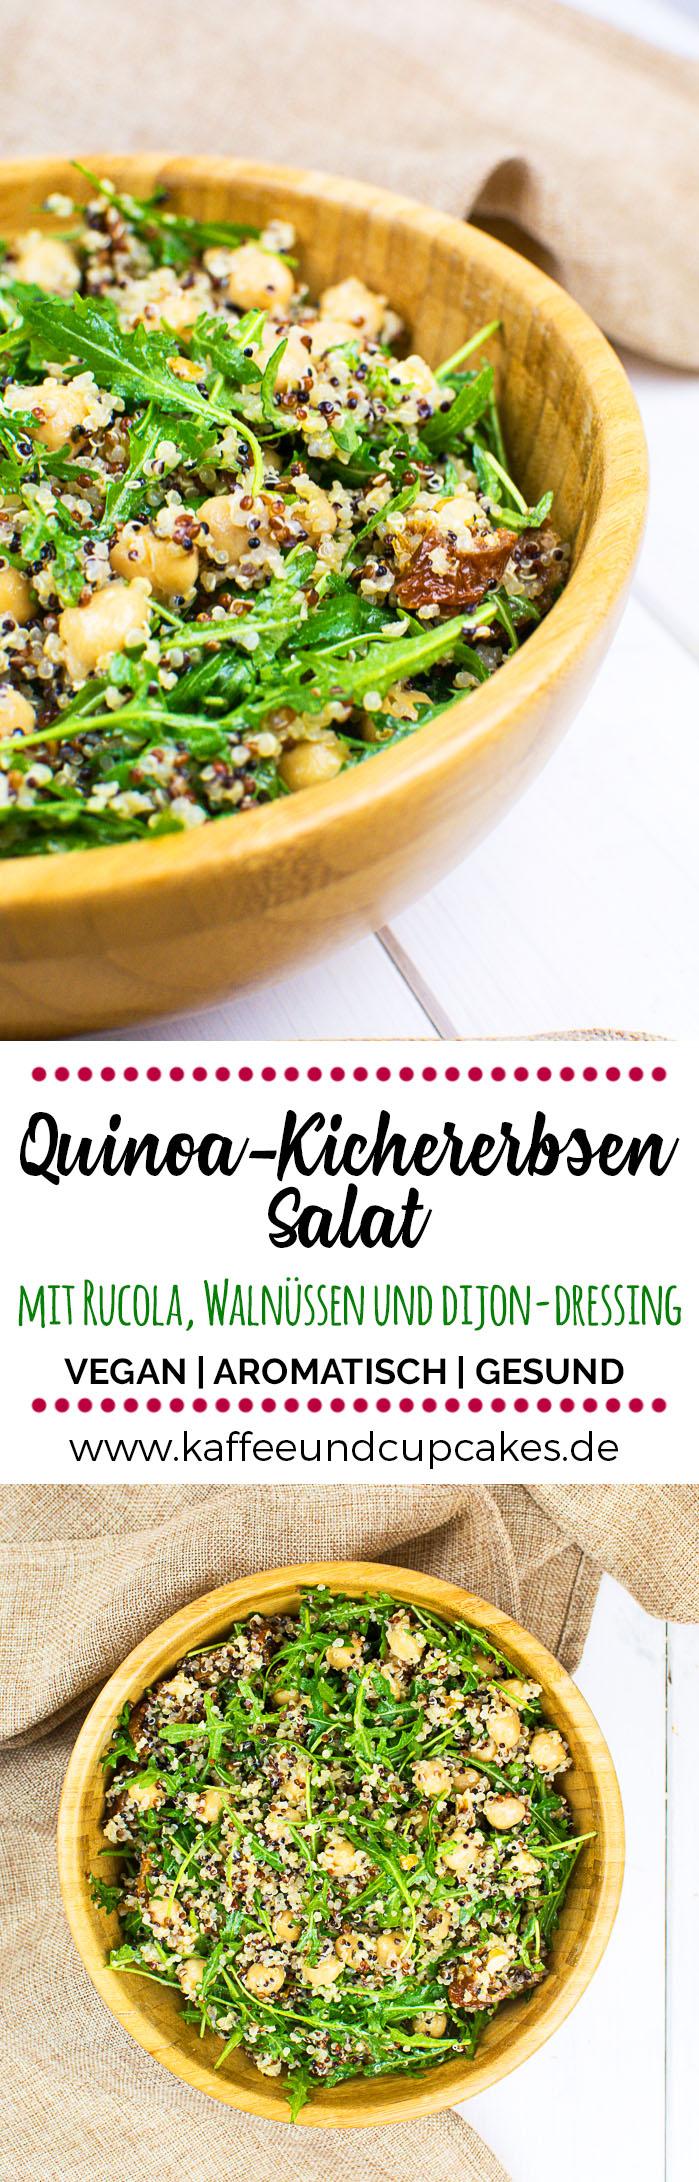 Quinoa-Kichererbsen-Salat mit Rucola, getrockneten Tomaten, Walnüssen und einem Dijon-Zitronen-Dressing mit Knoblauch | Kaffee & Cupcakes